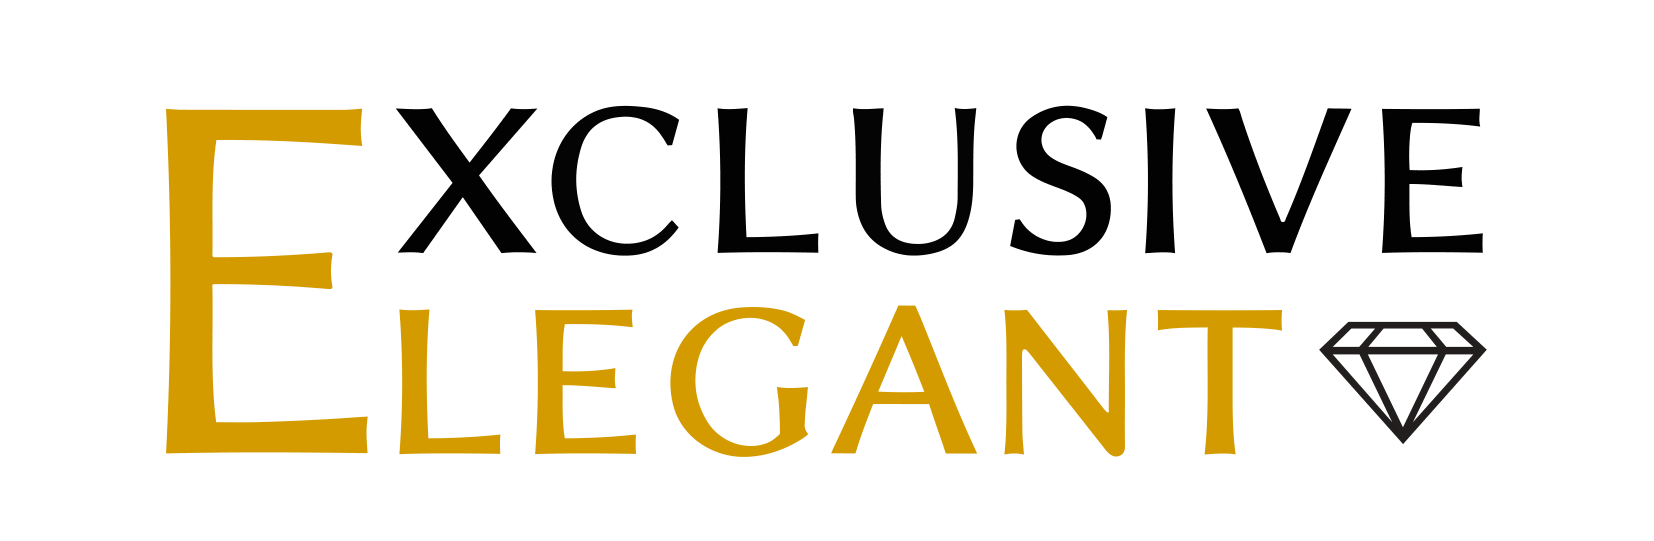 Exclusive-Elegant.sk